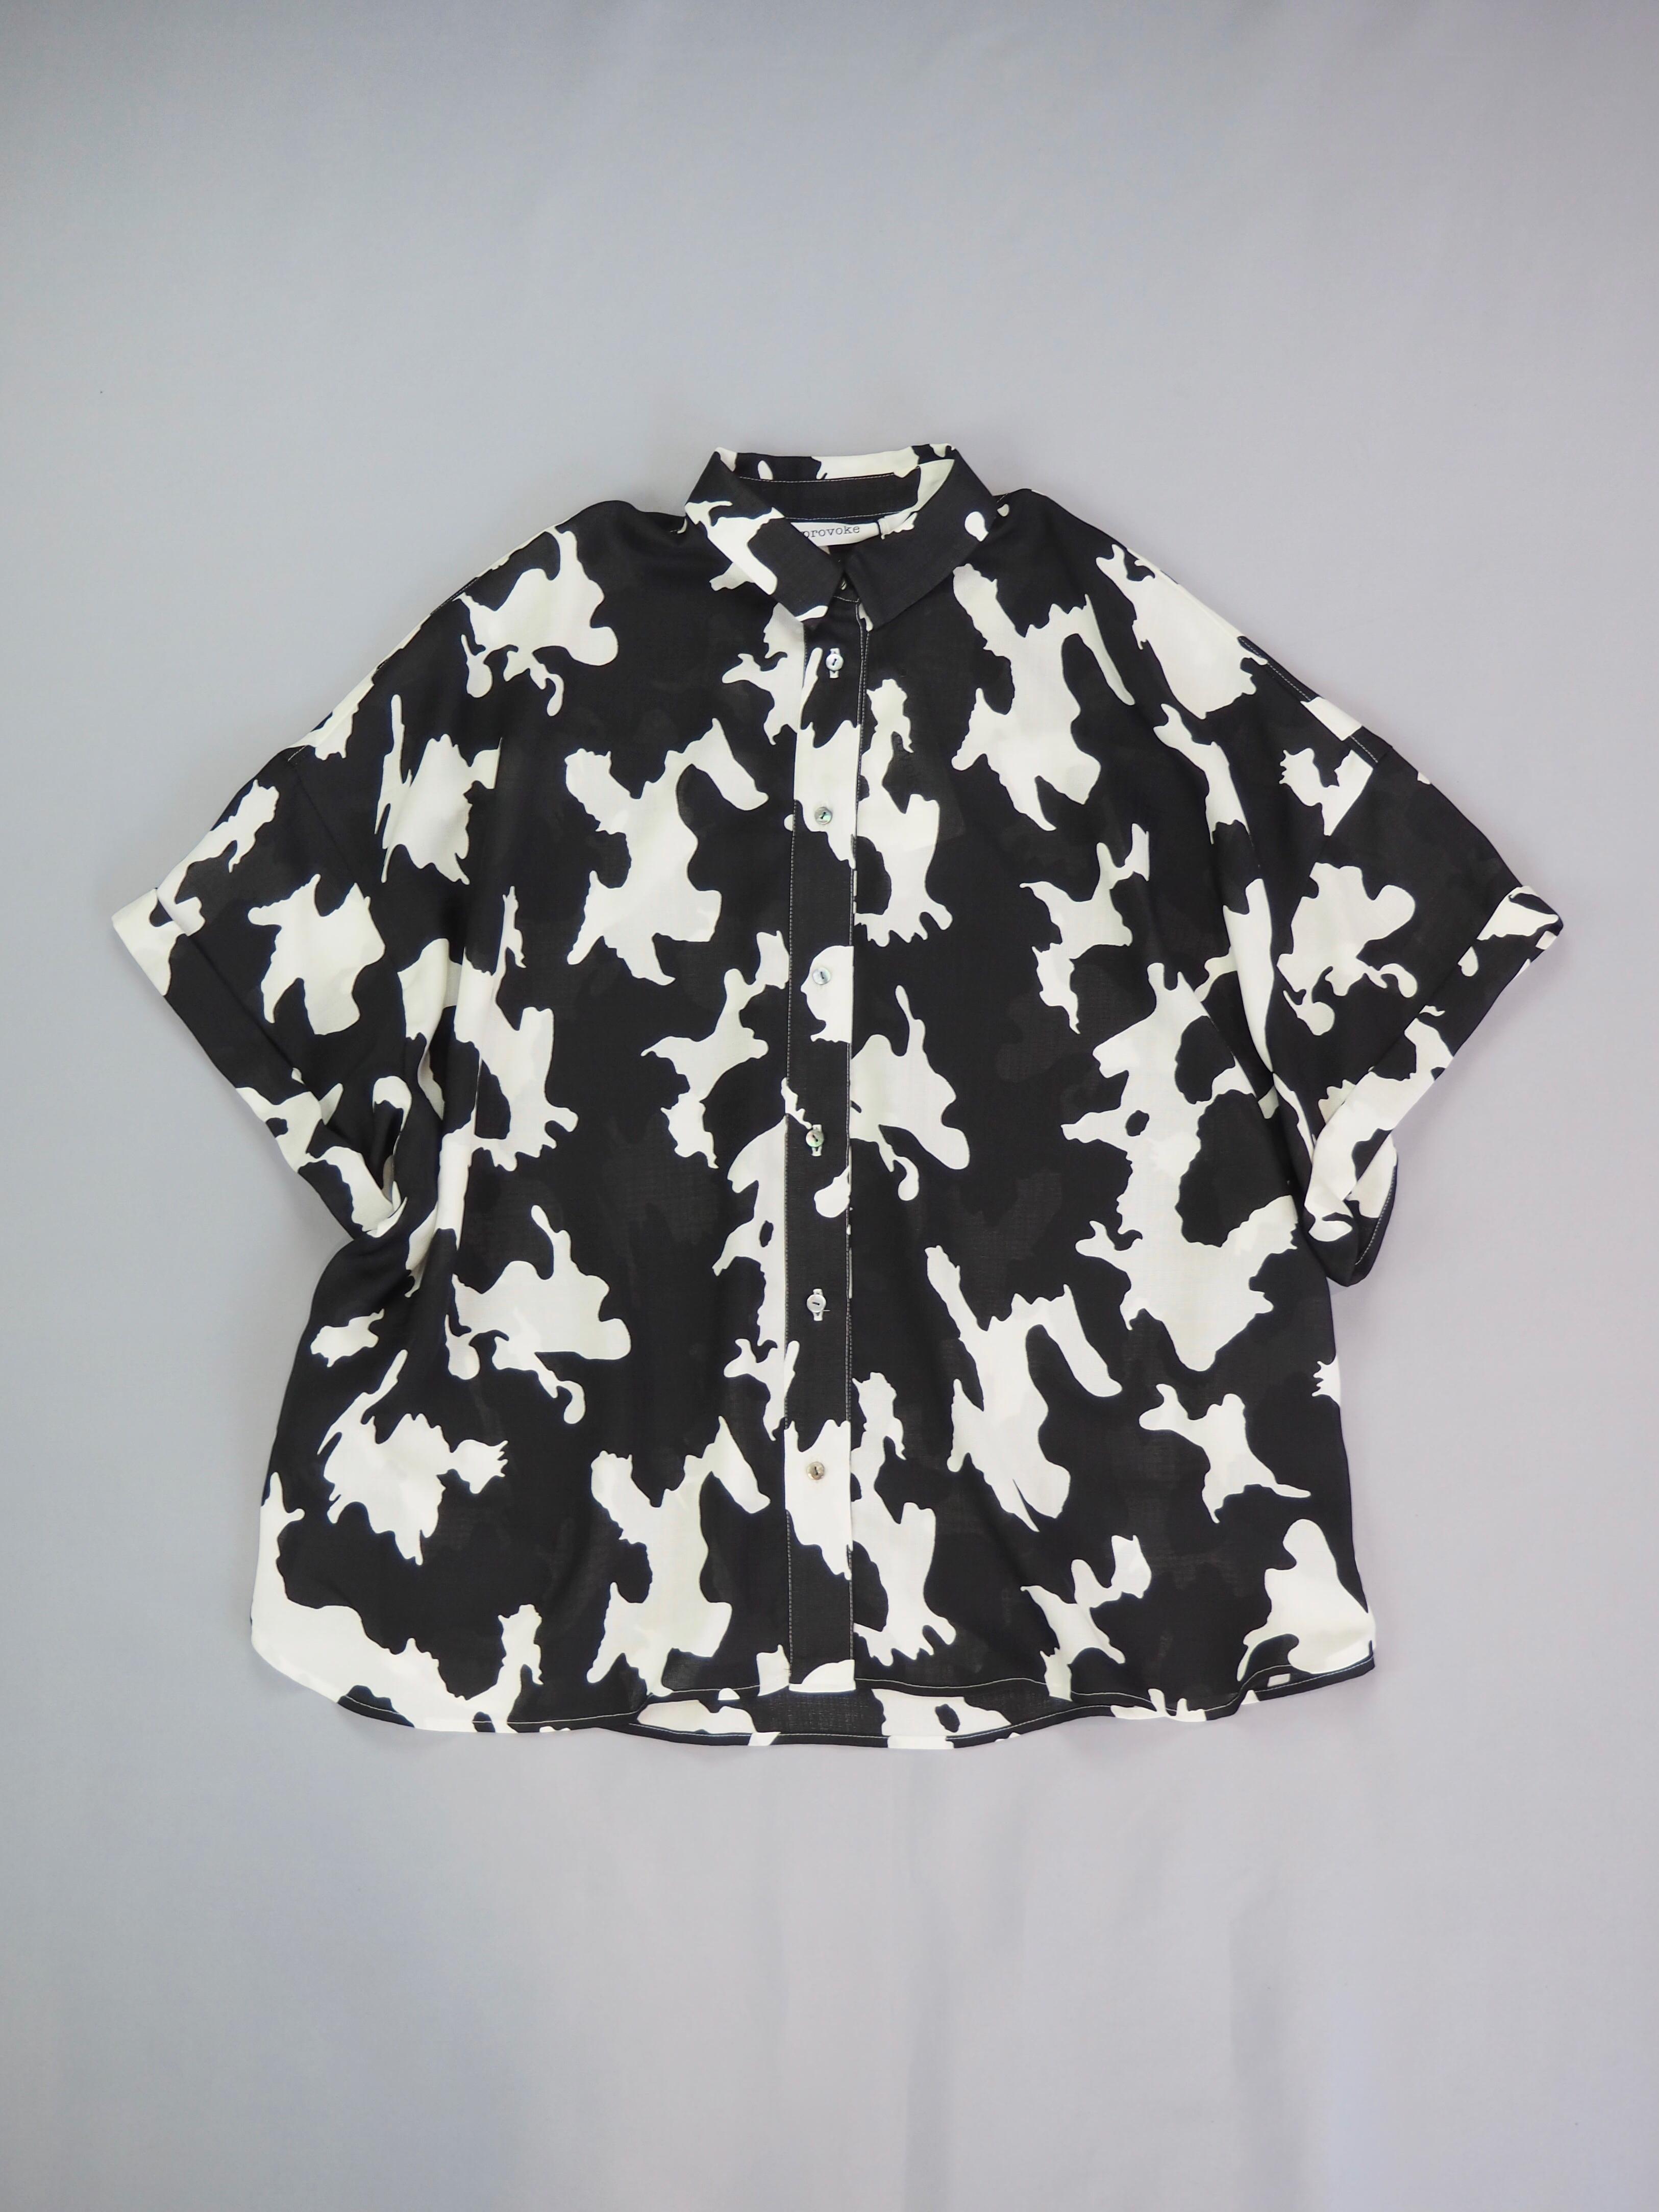 【PROVOKE】COW PRINT SHIRT